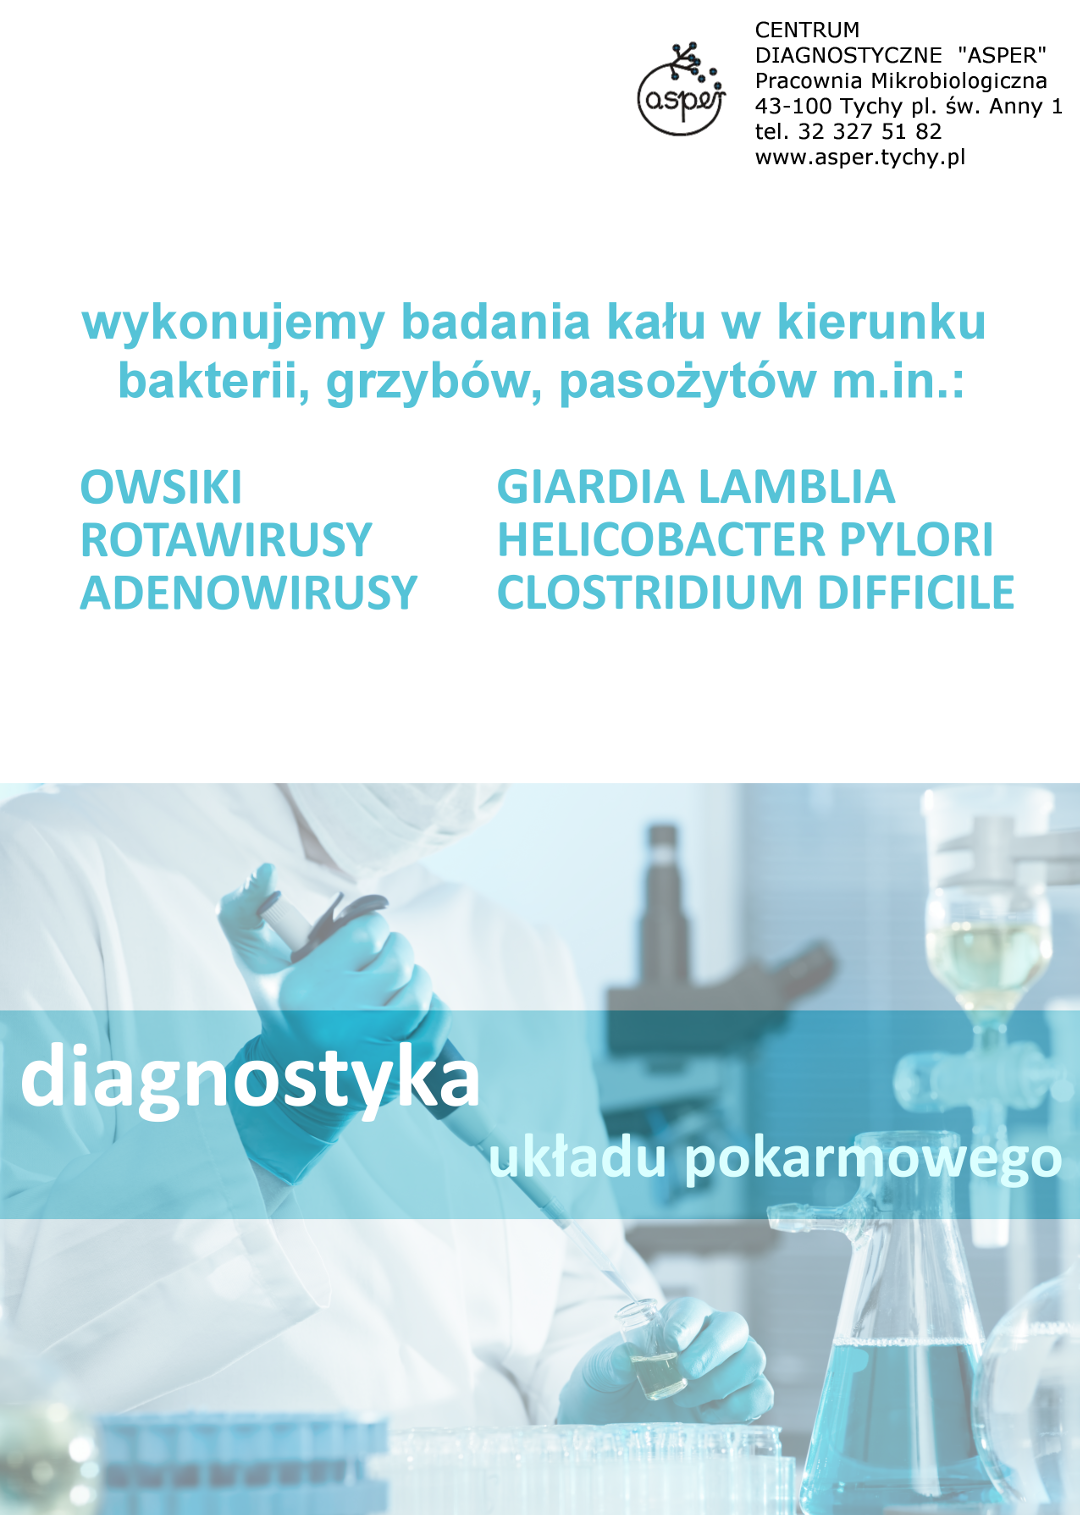 Diagnostyka układu pokarmowego